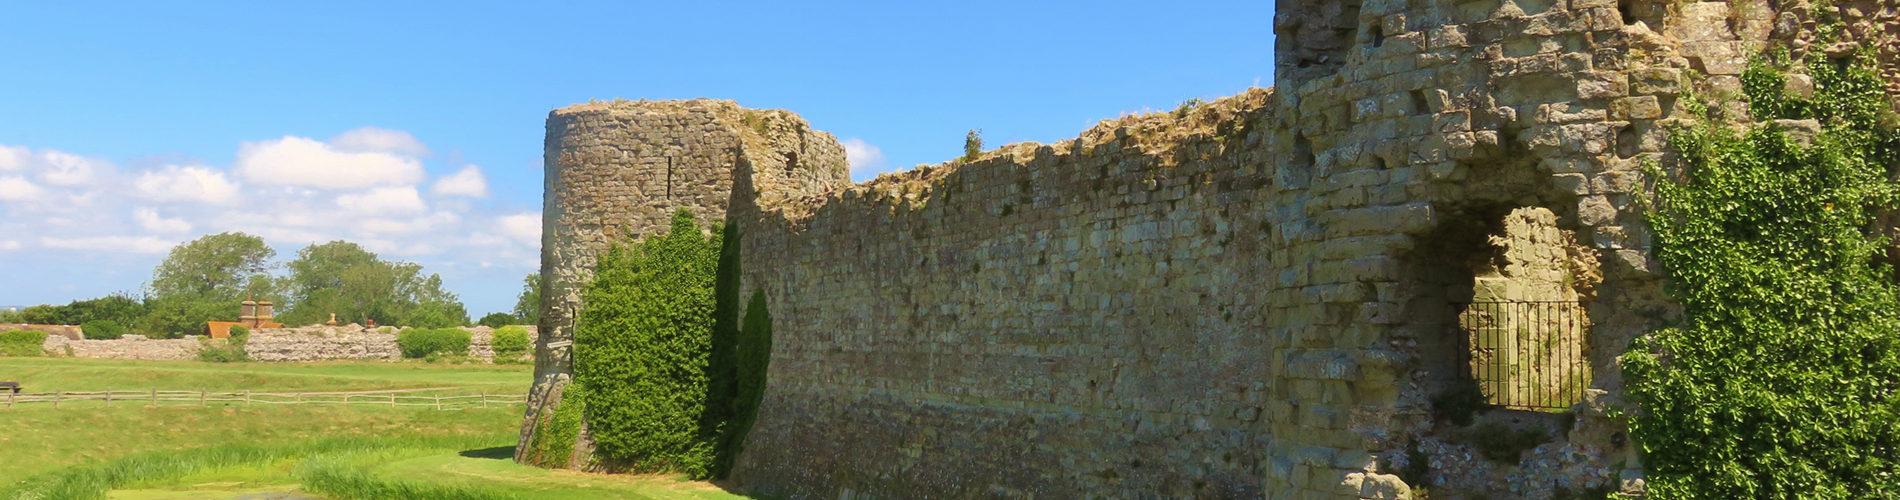 SELCS - Pevensey Castle